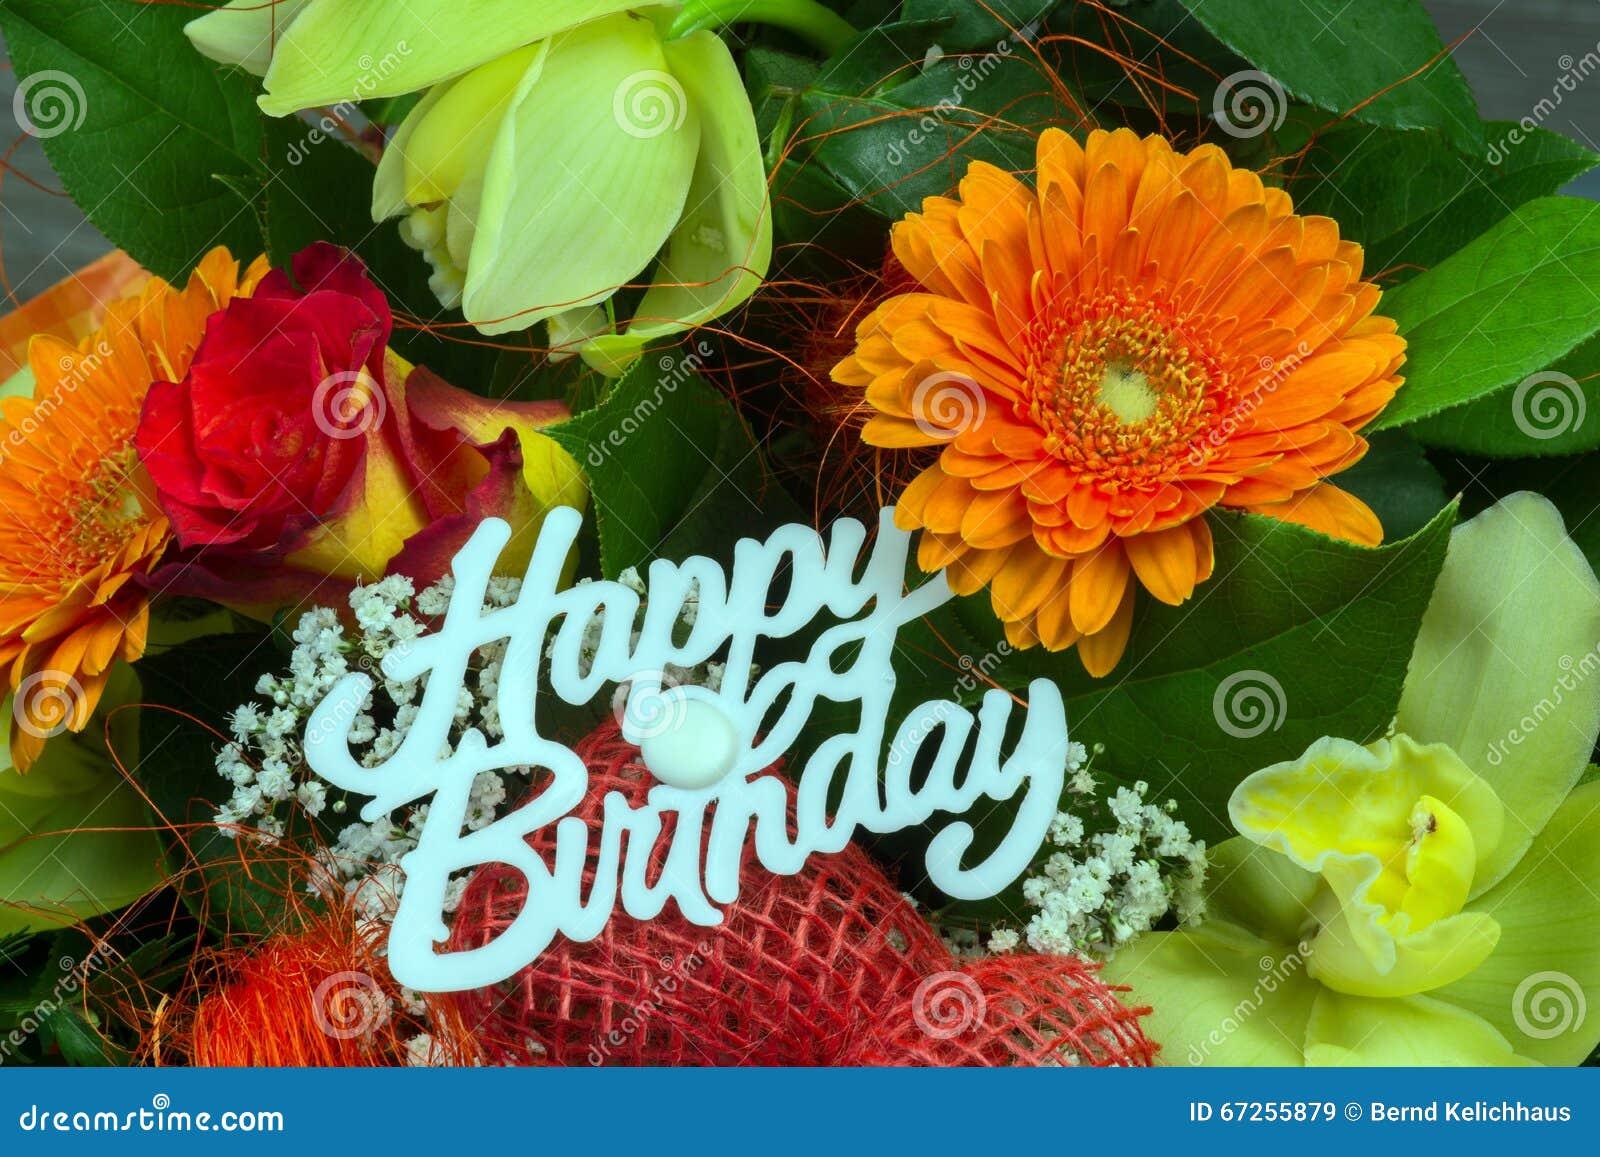 Rose bouquet text happy birthday stock images 1025 photos flower bouquet with text happy birthday bunch of colorful flowers flower bouquet with text izmirmasajfo